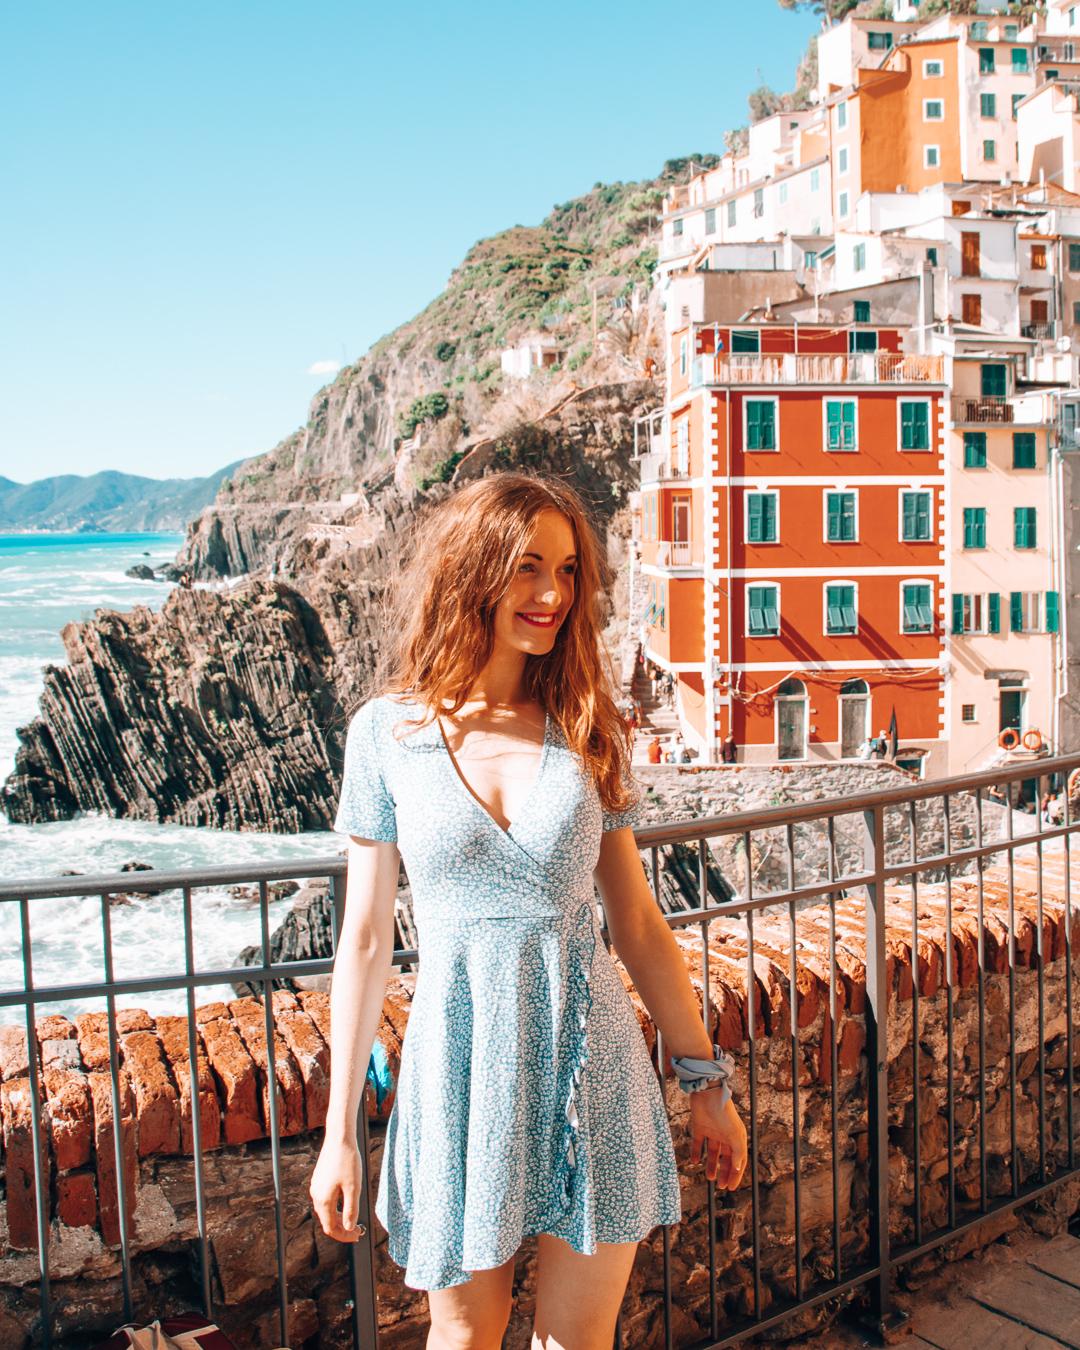 Happy girl in Riomaggiore